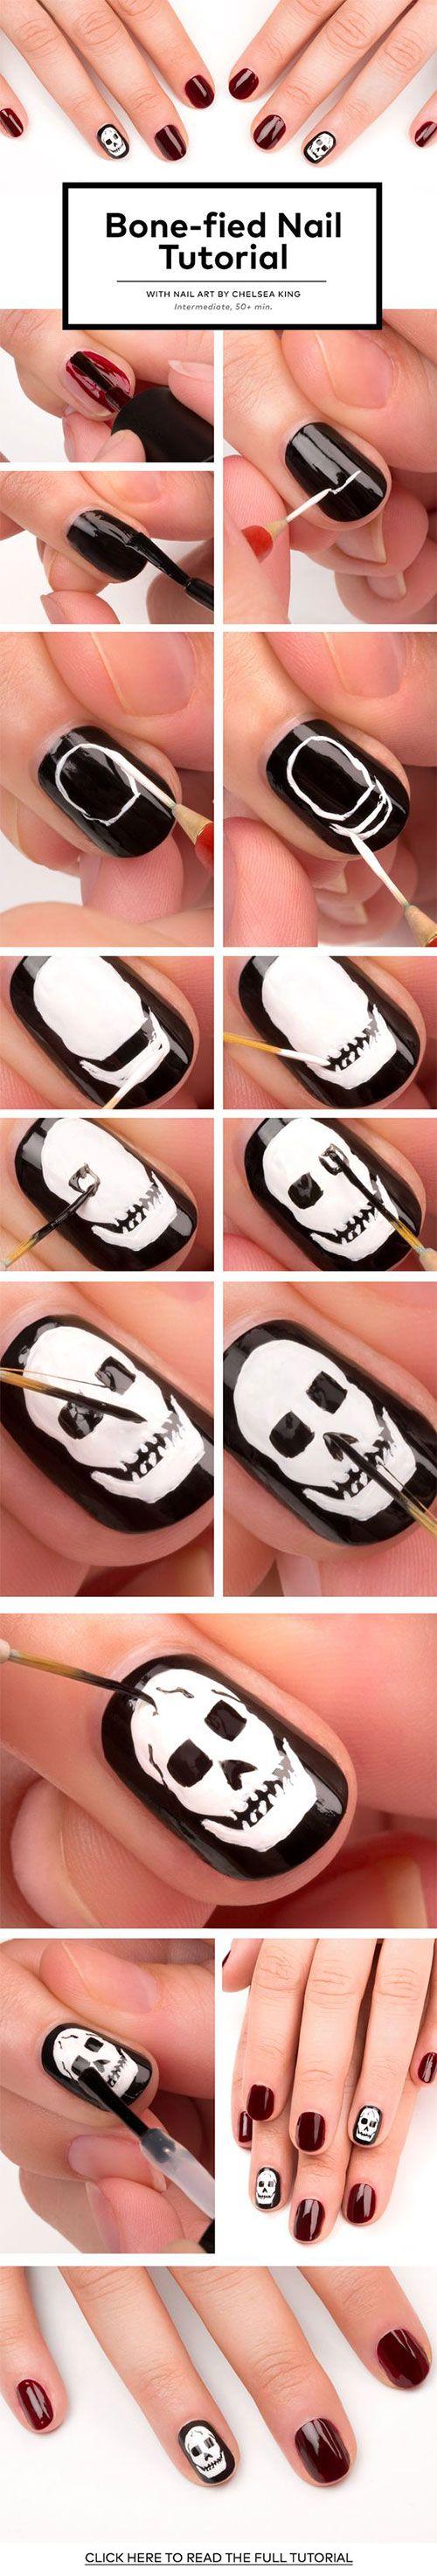 18 Einfache Schritt Für Schritt Halloween Nägel Kunst Tutorials Für ...